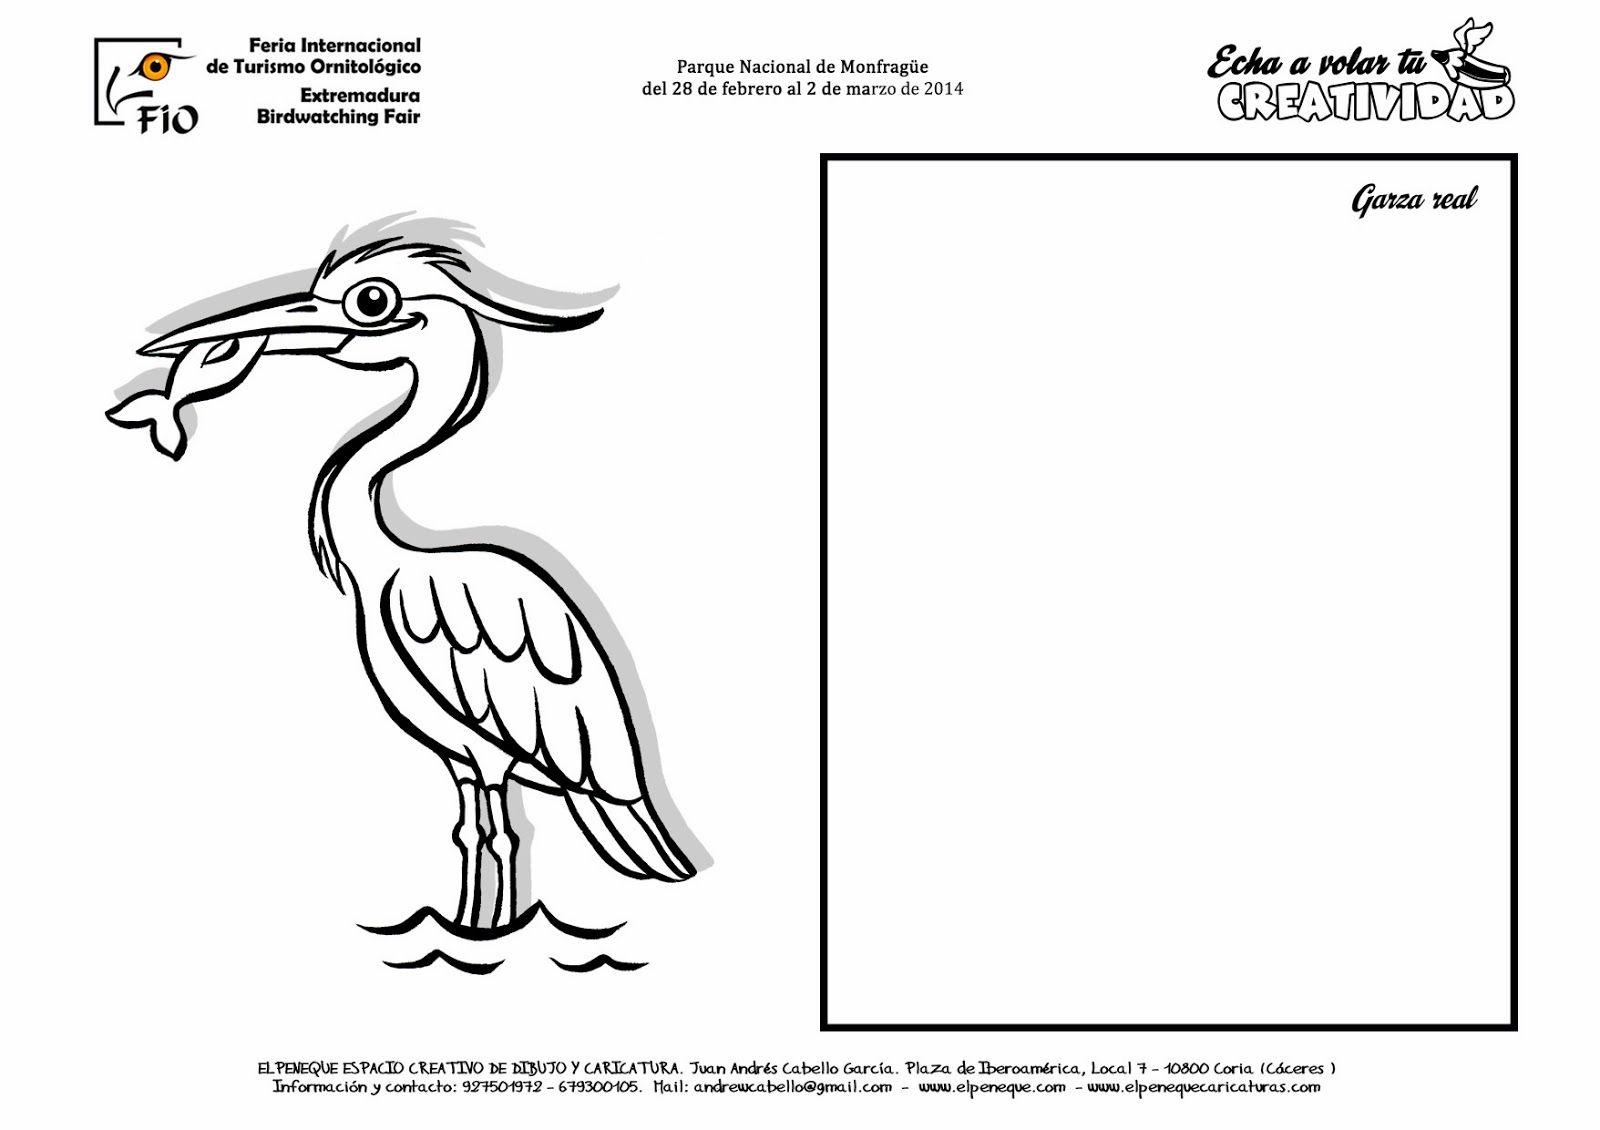 FICHAS DE AVES PARA DIBUJAR Y COLOREAR EN FIO | Garza real | aves ...